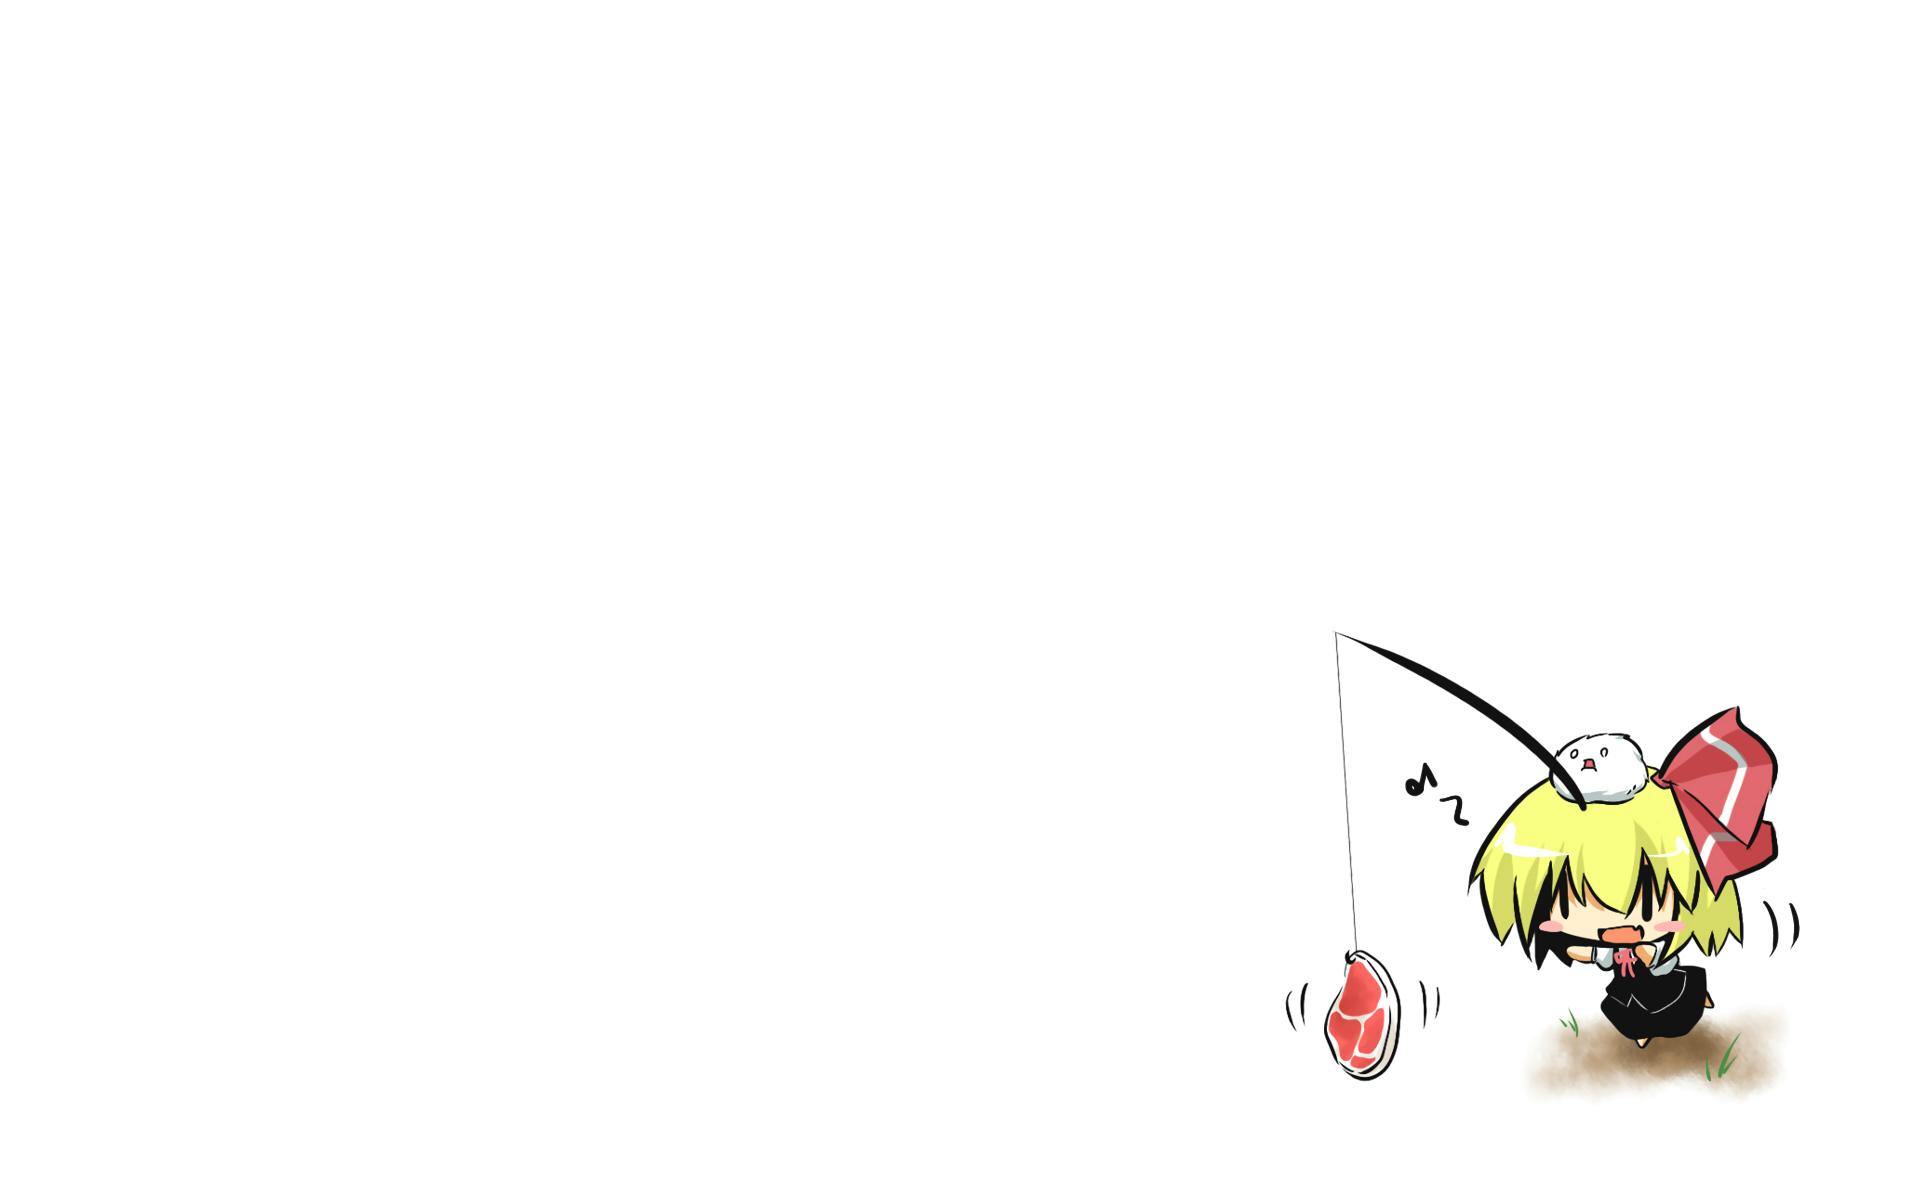 bow chibi food gomasamune kedama ribbons rumia touhou white